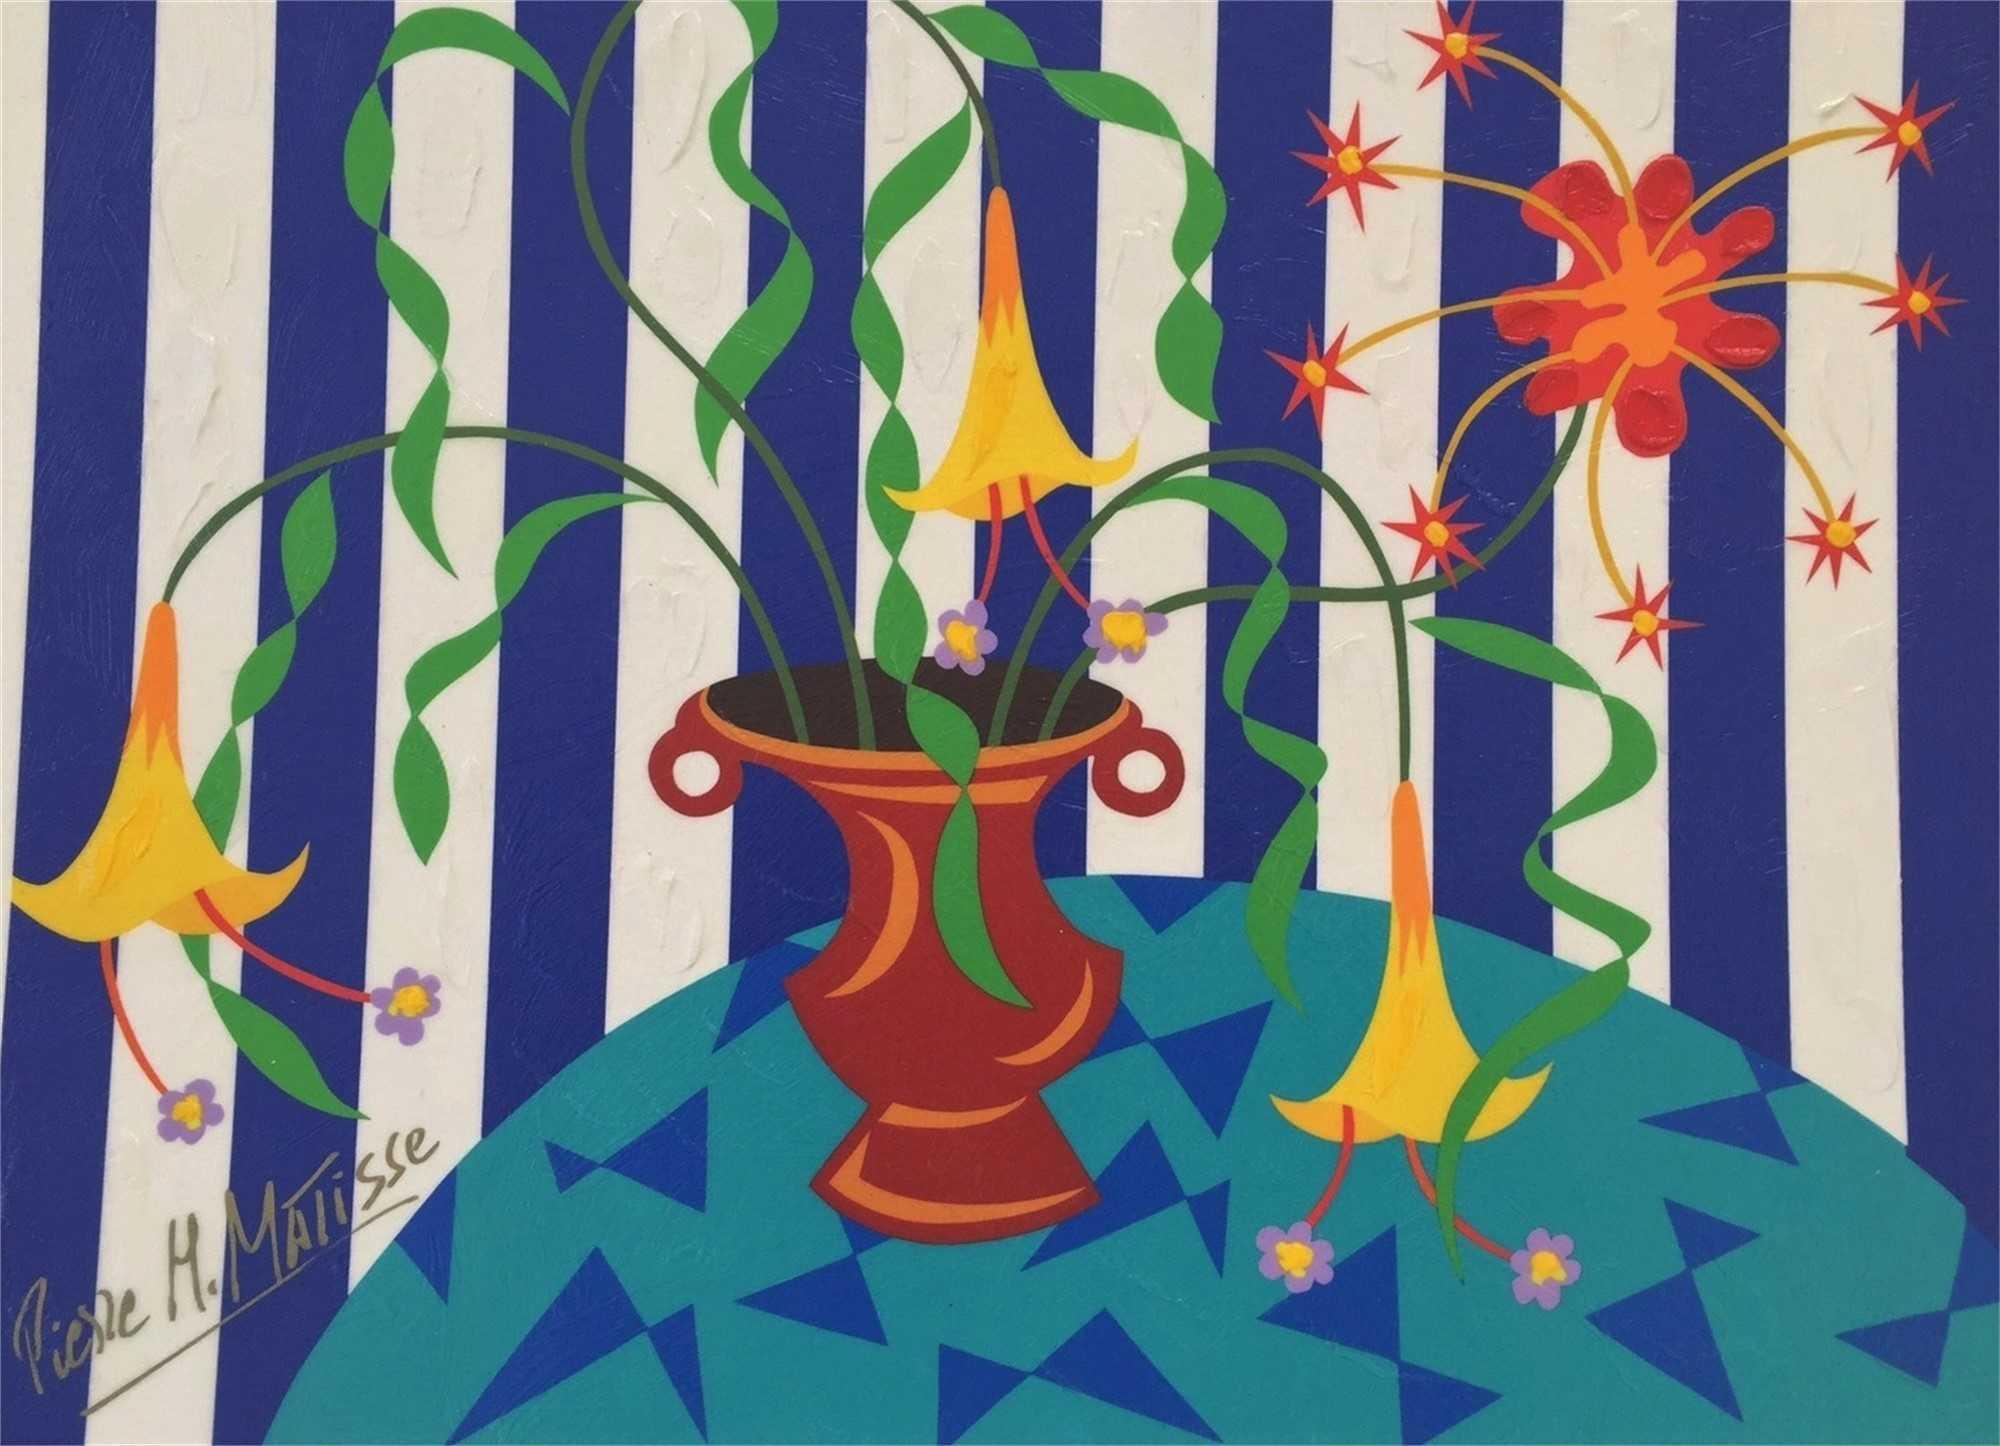 Henri Matisse, Centre Pompidou, Paris: 20 May-24 August 2020